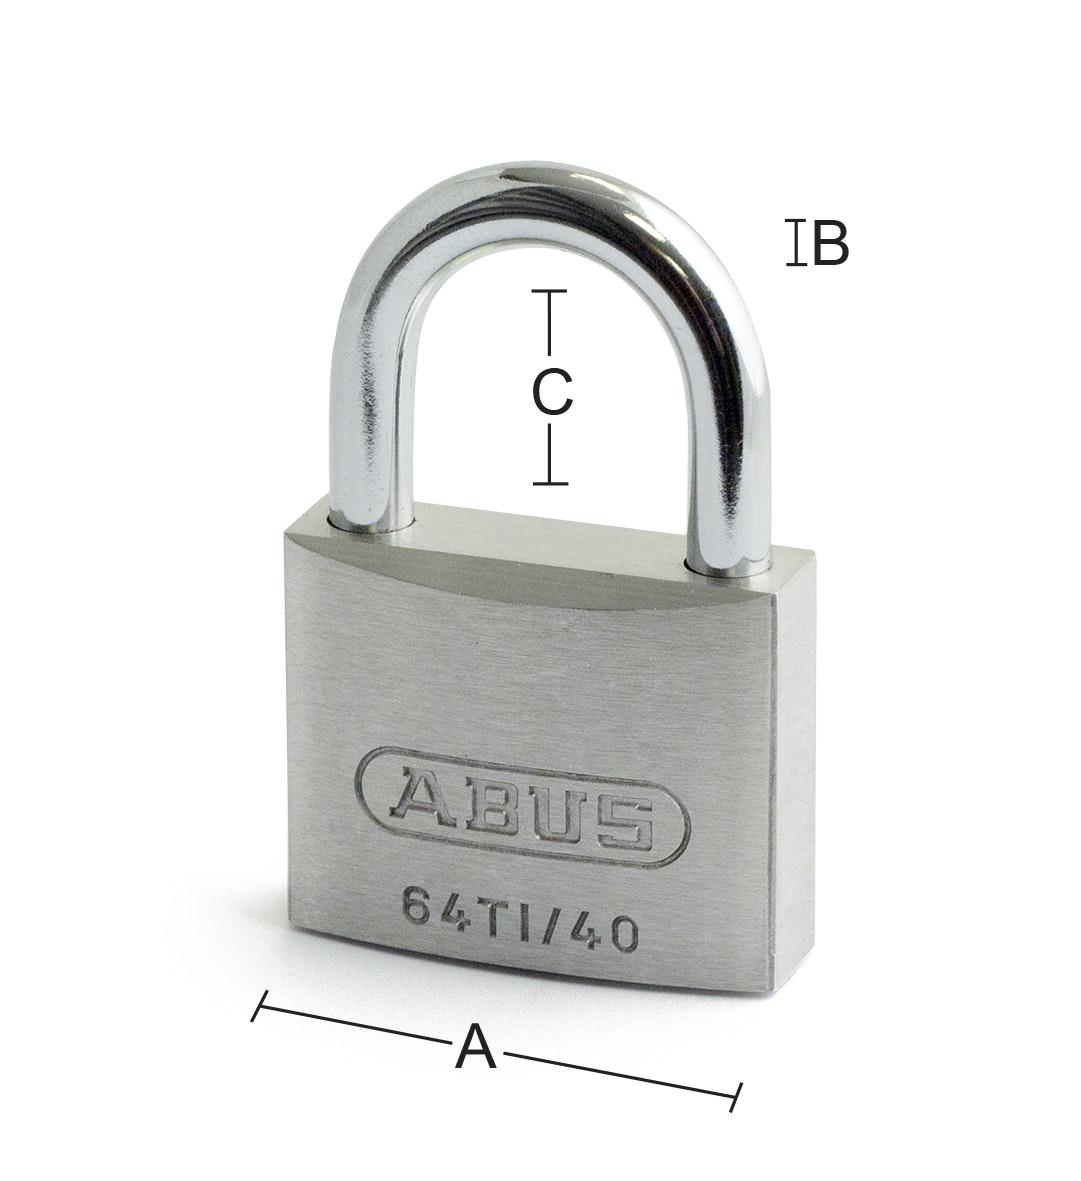 Hänglås Abus 64TI-50HB80 SB